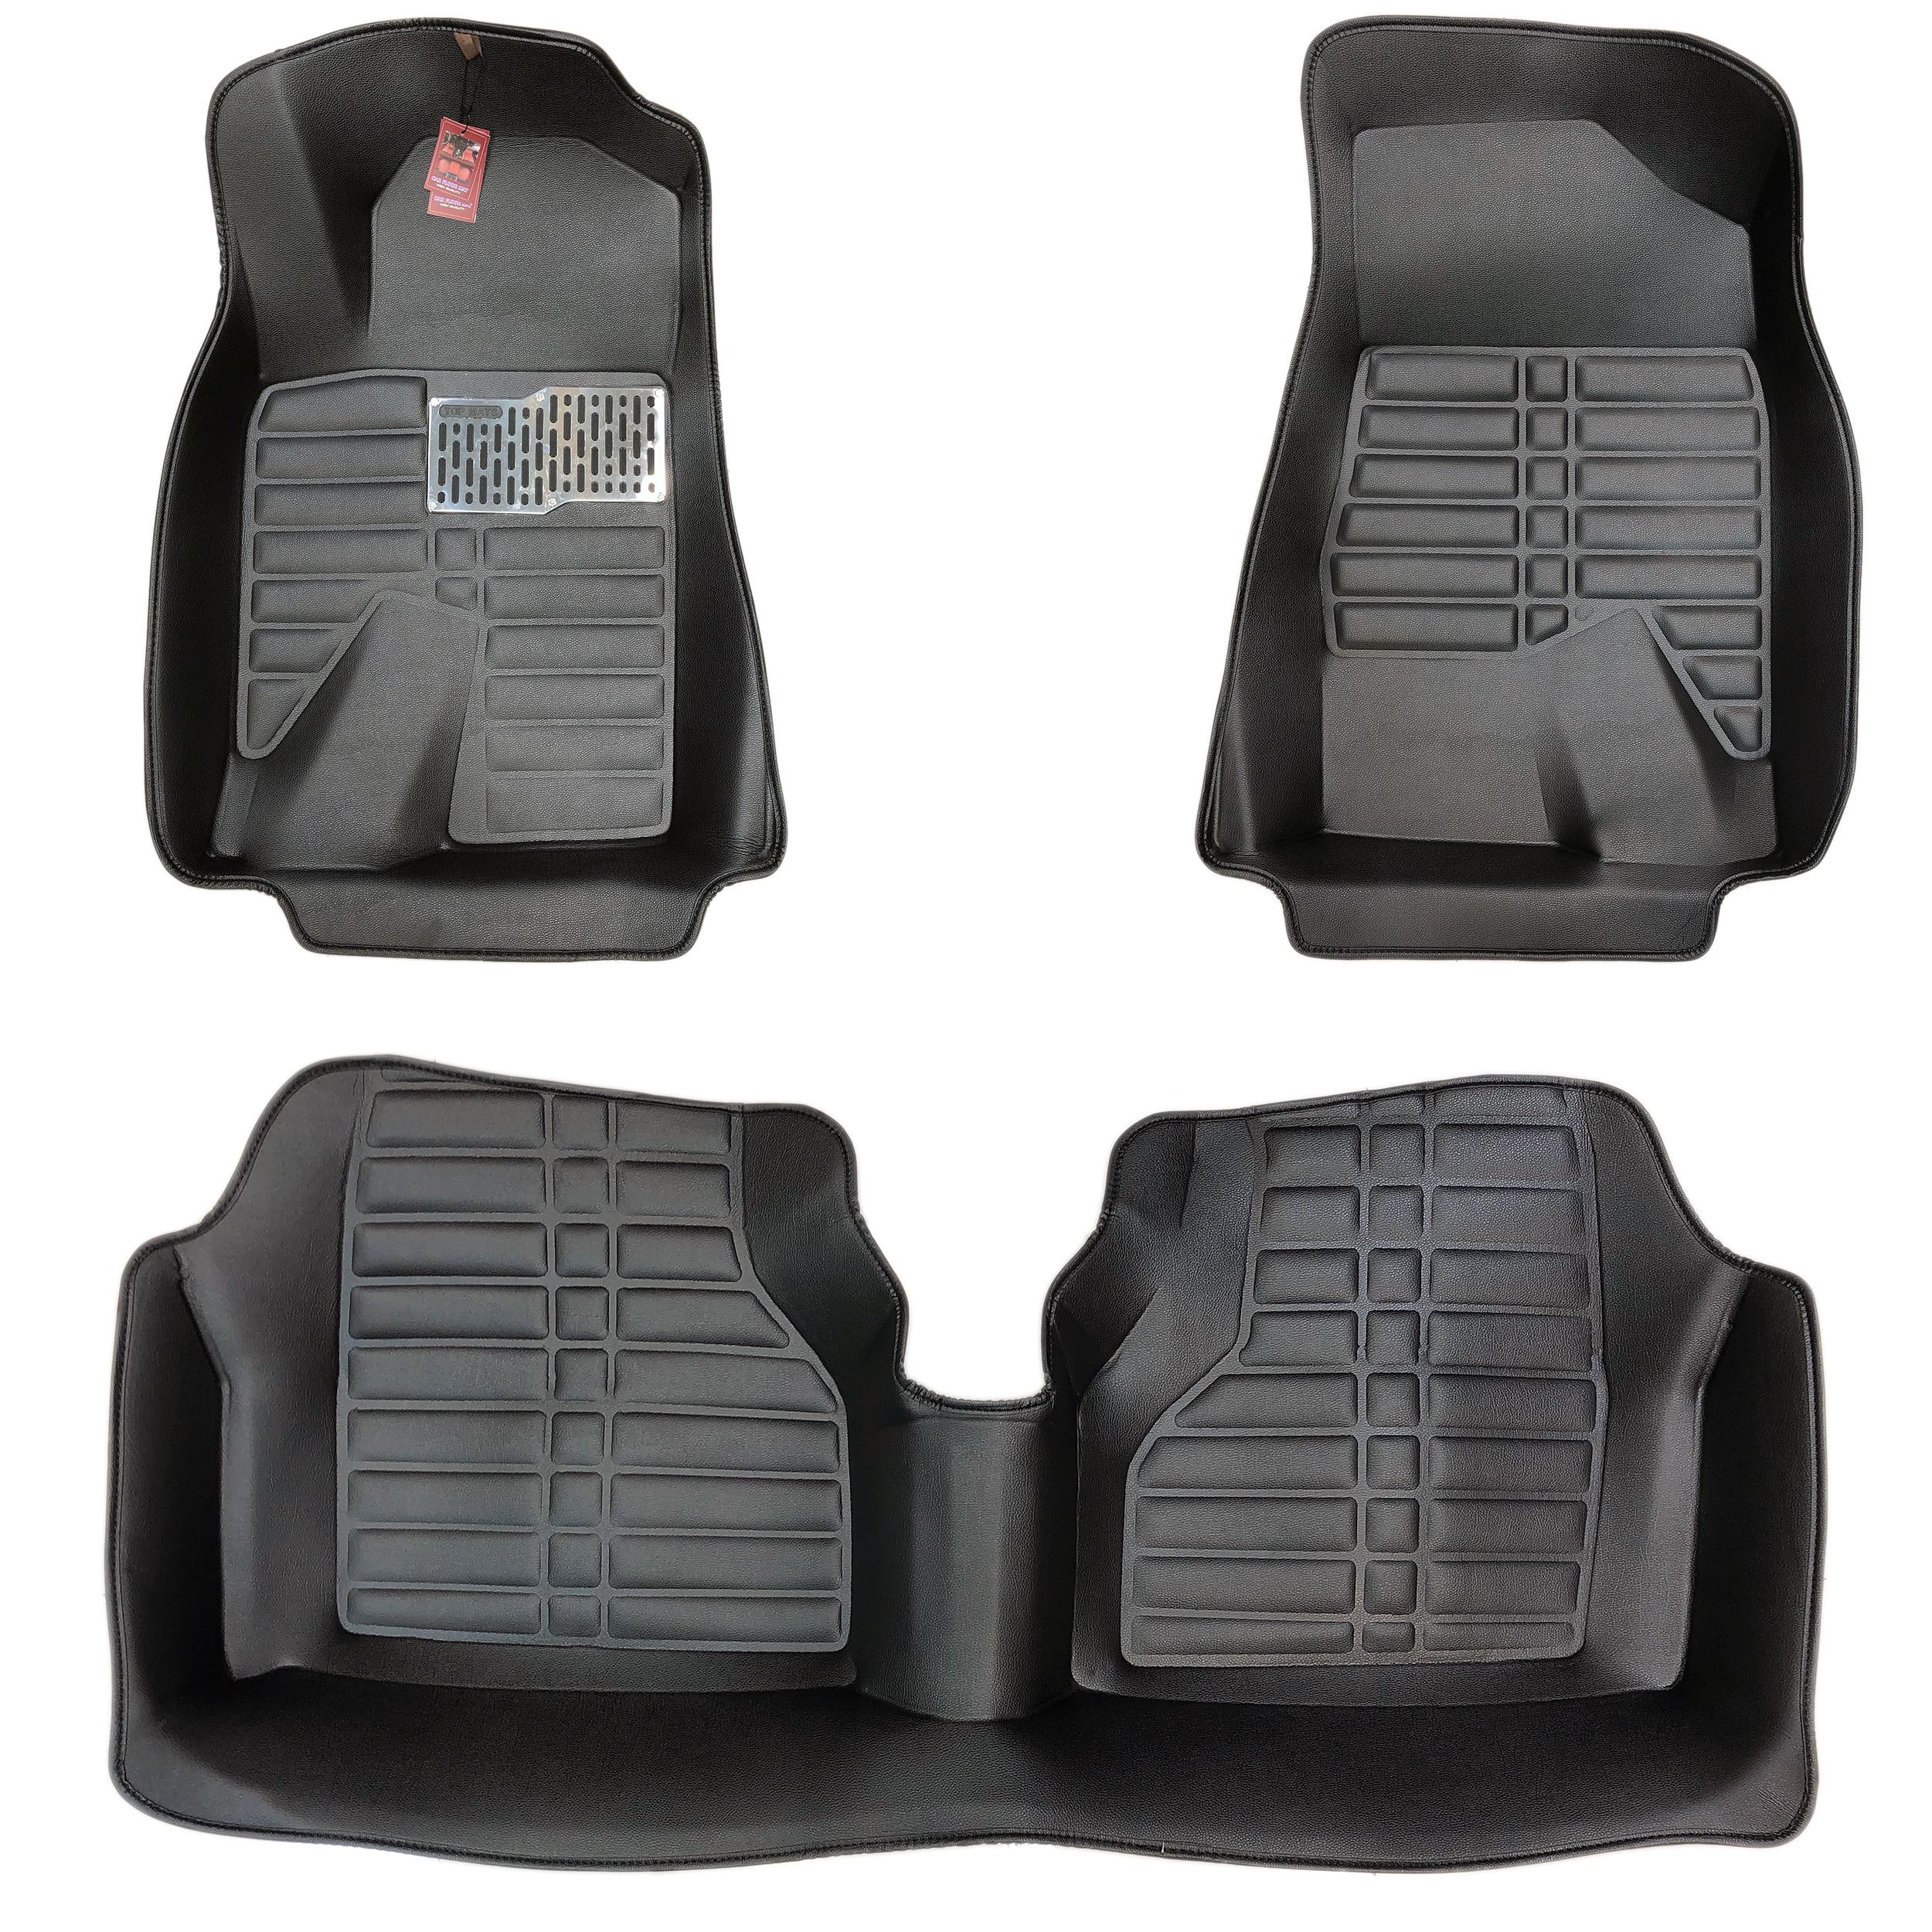 کفپوش سه بعدی خودرو یورولایت مدل 24 مناسب برای پژو پارس